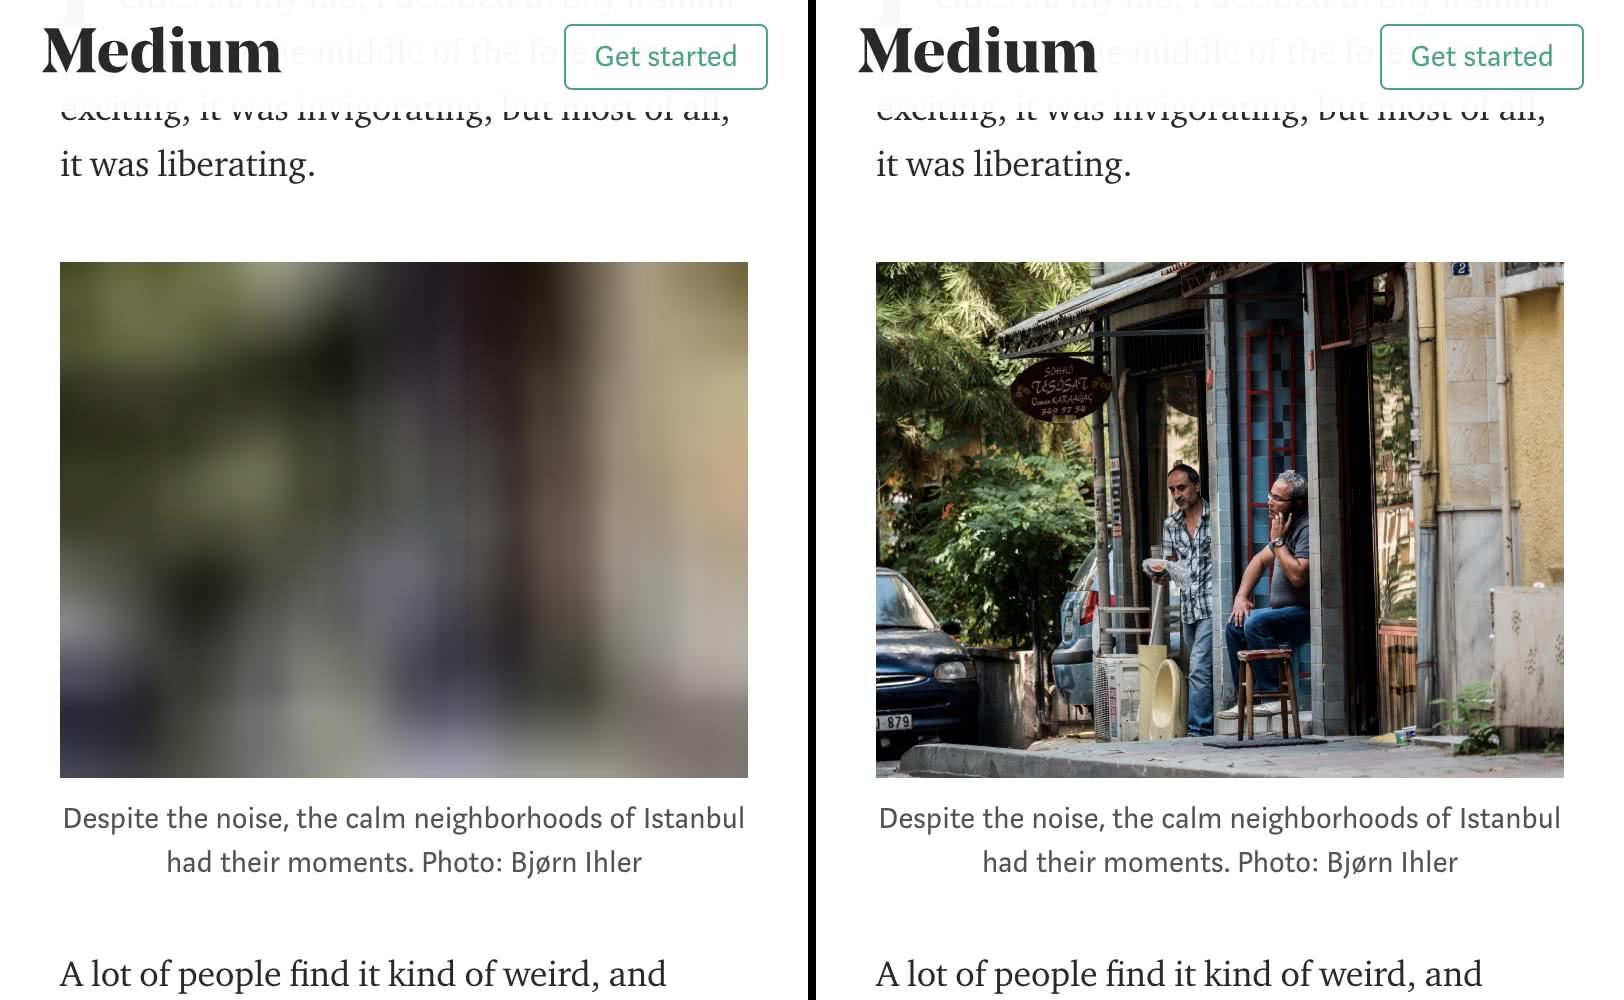 网站媒体的截图在浏览中,演示了惰性加载的行动。左边是模糊的占位符,右边是加载的资源。